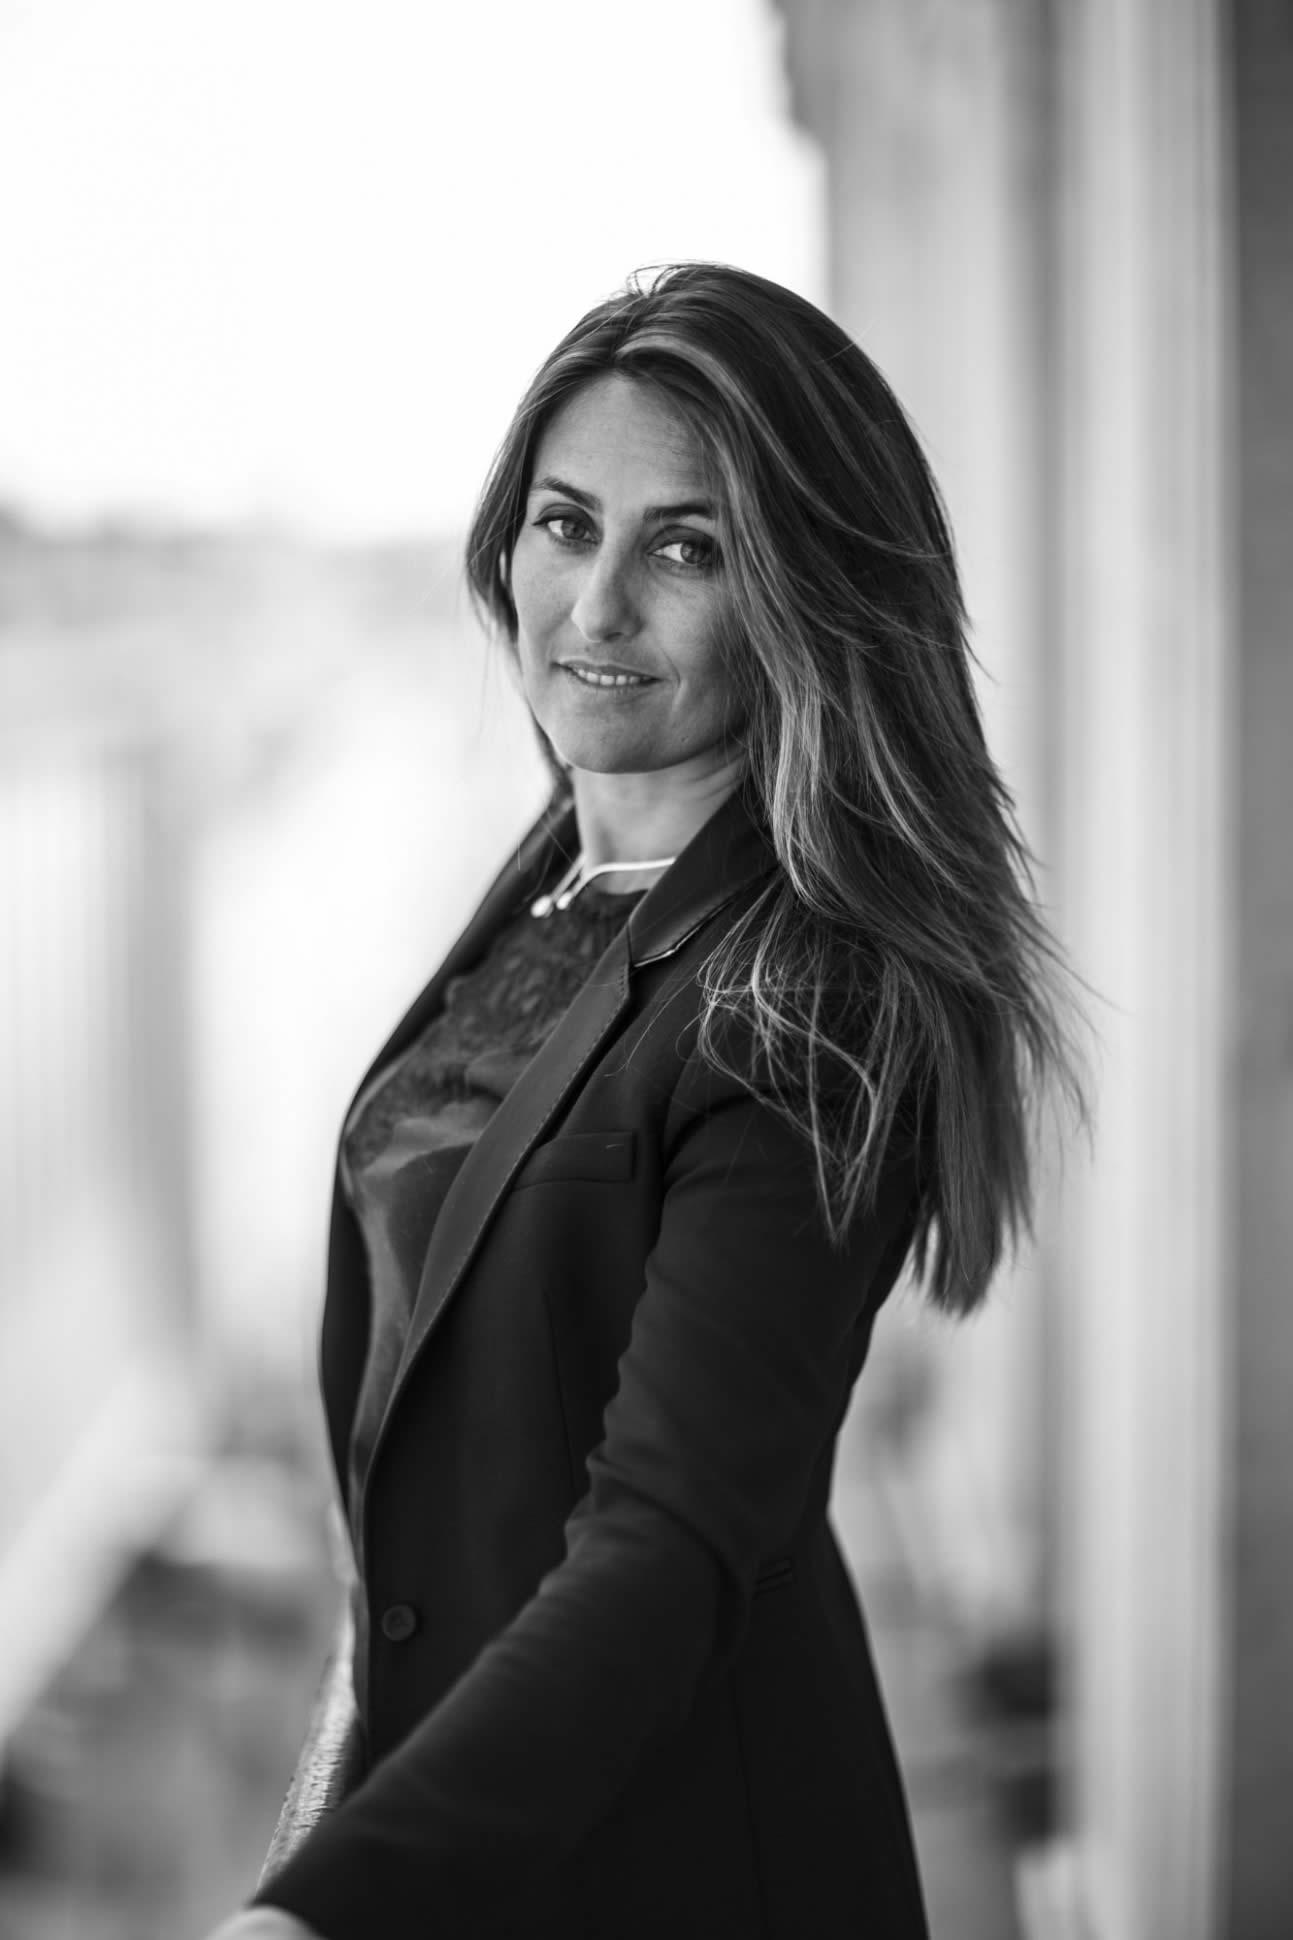 Interview de la créatrice Valérie Messika sur son idée du luxe